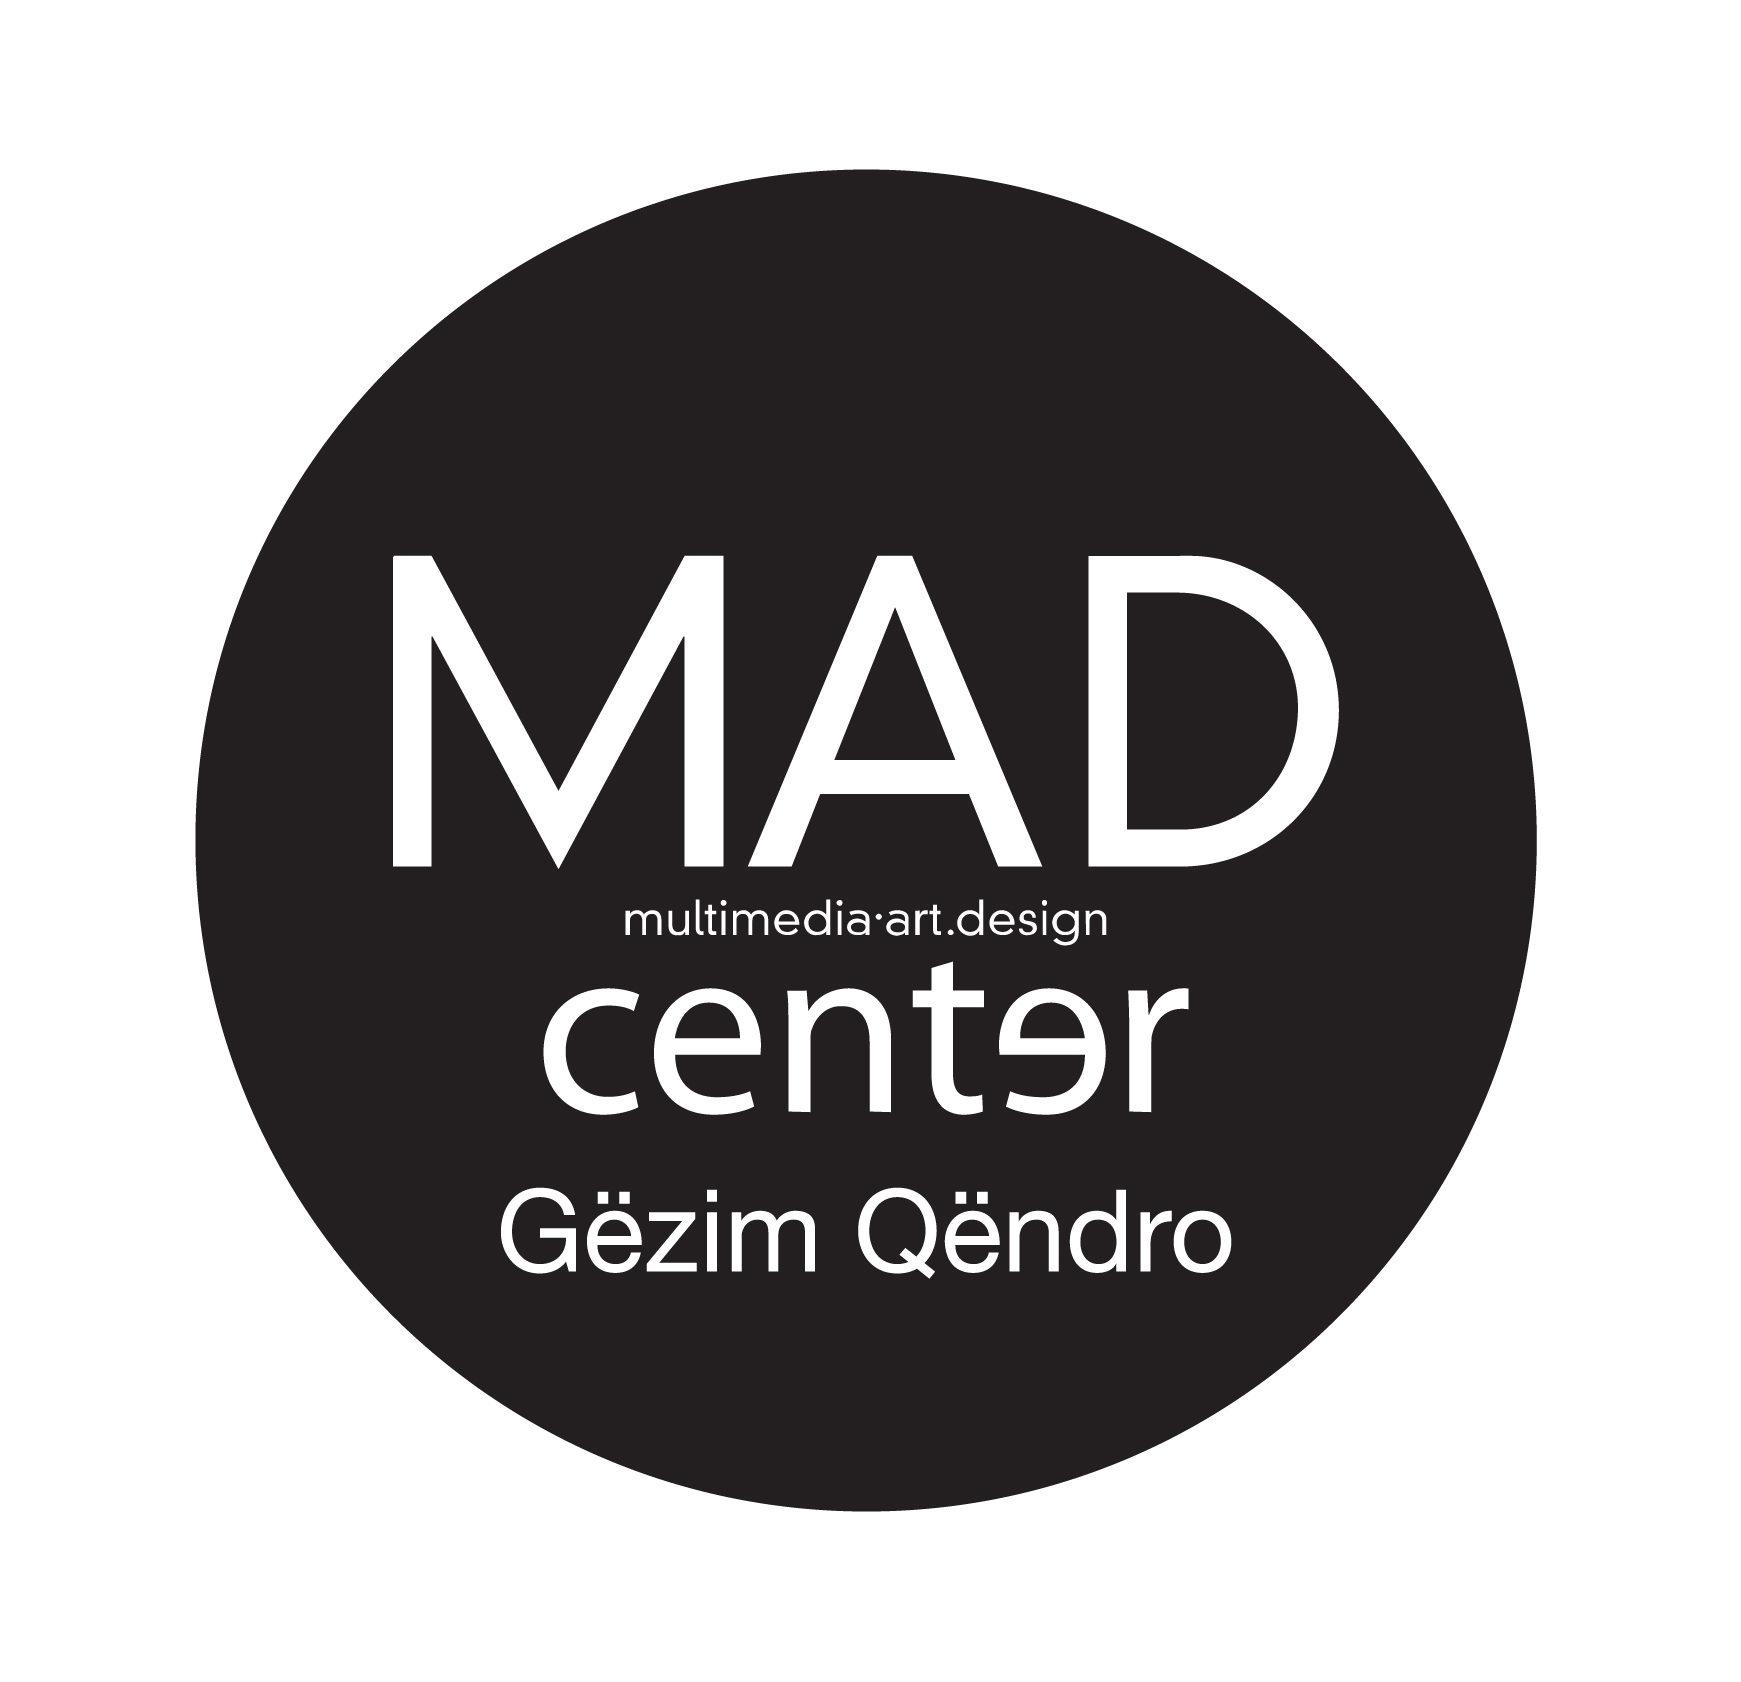 MAD Center